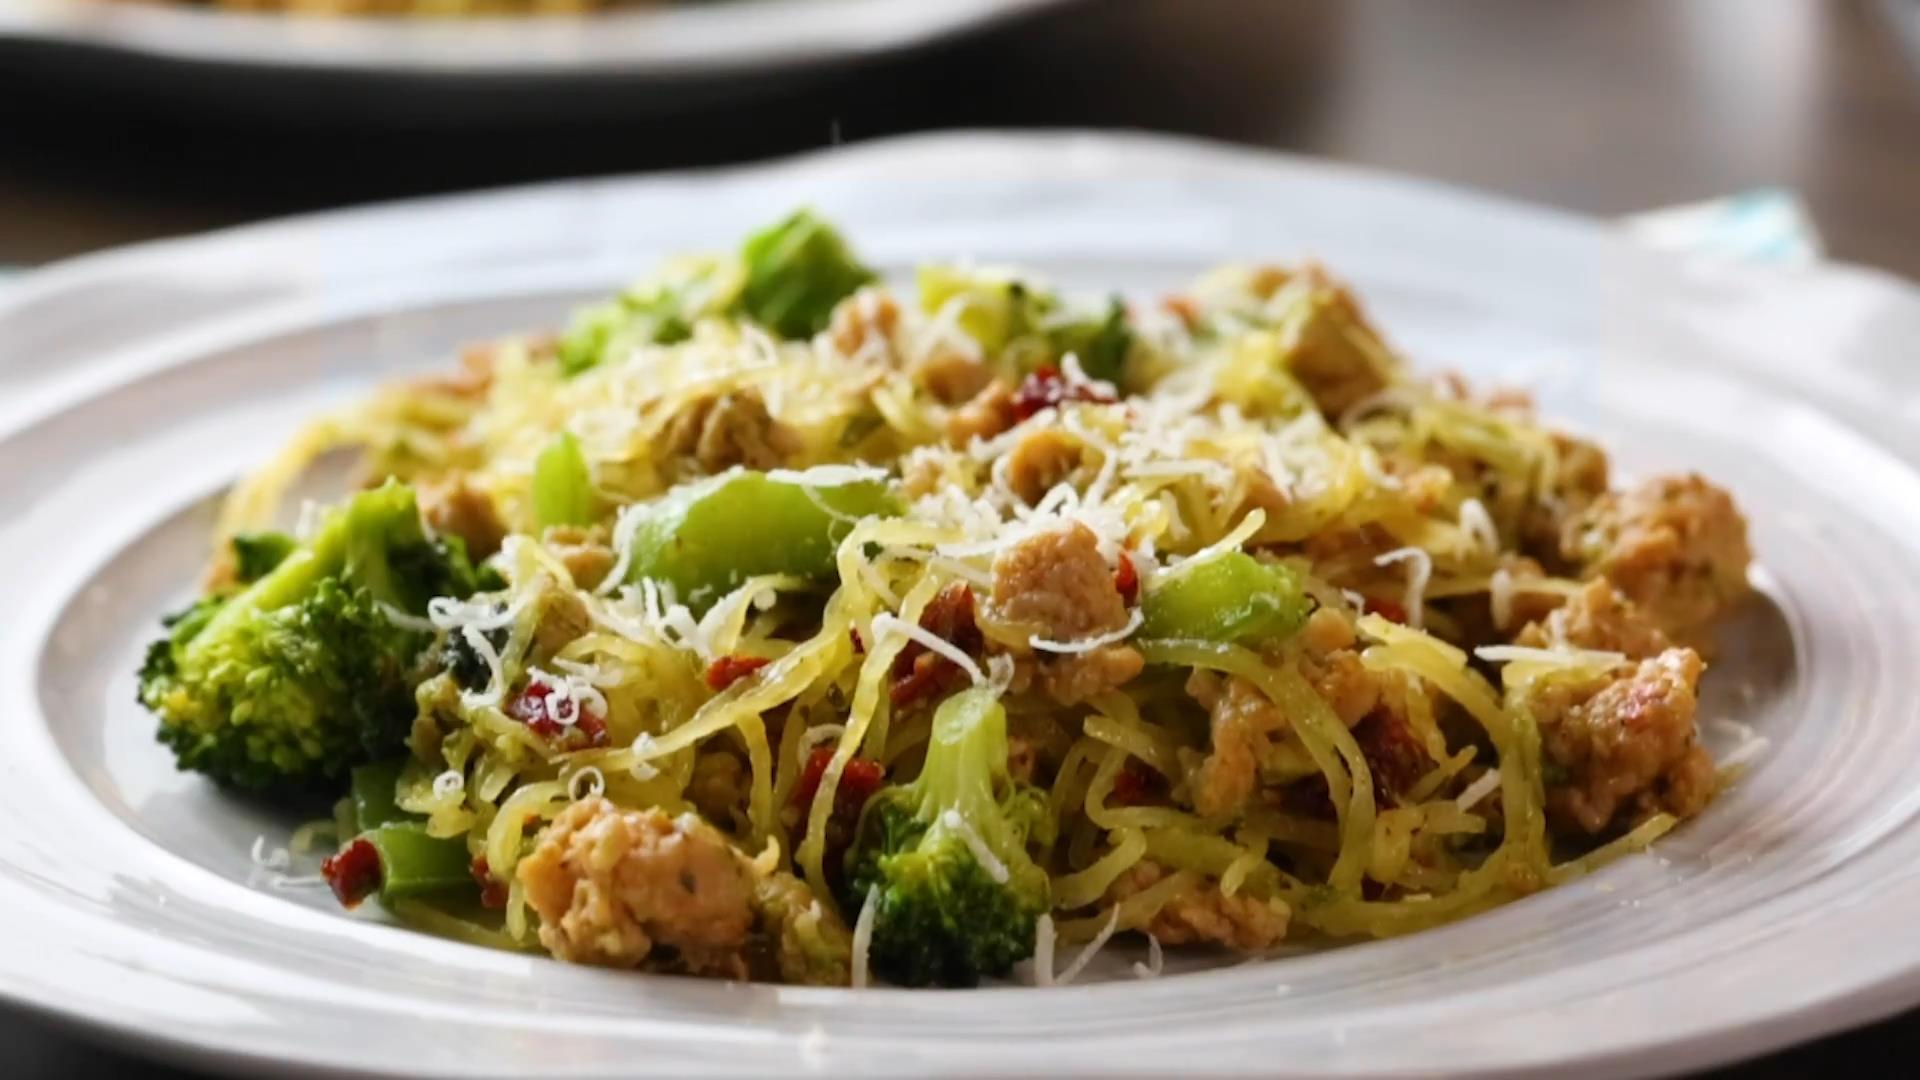 Italian Chicken Pesto with Spaghetti Squash